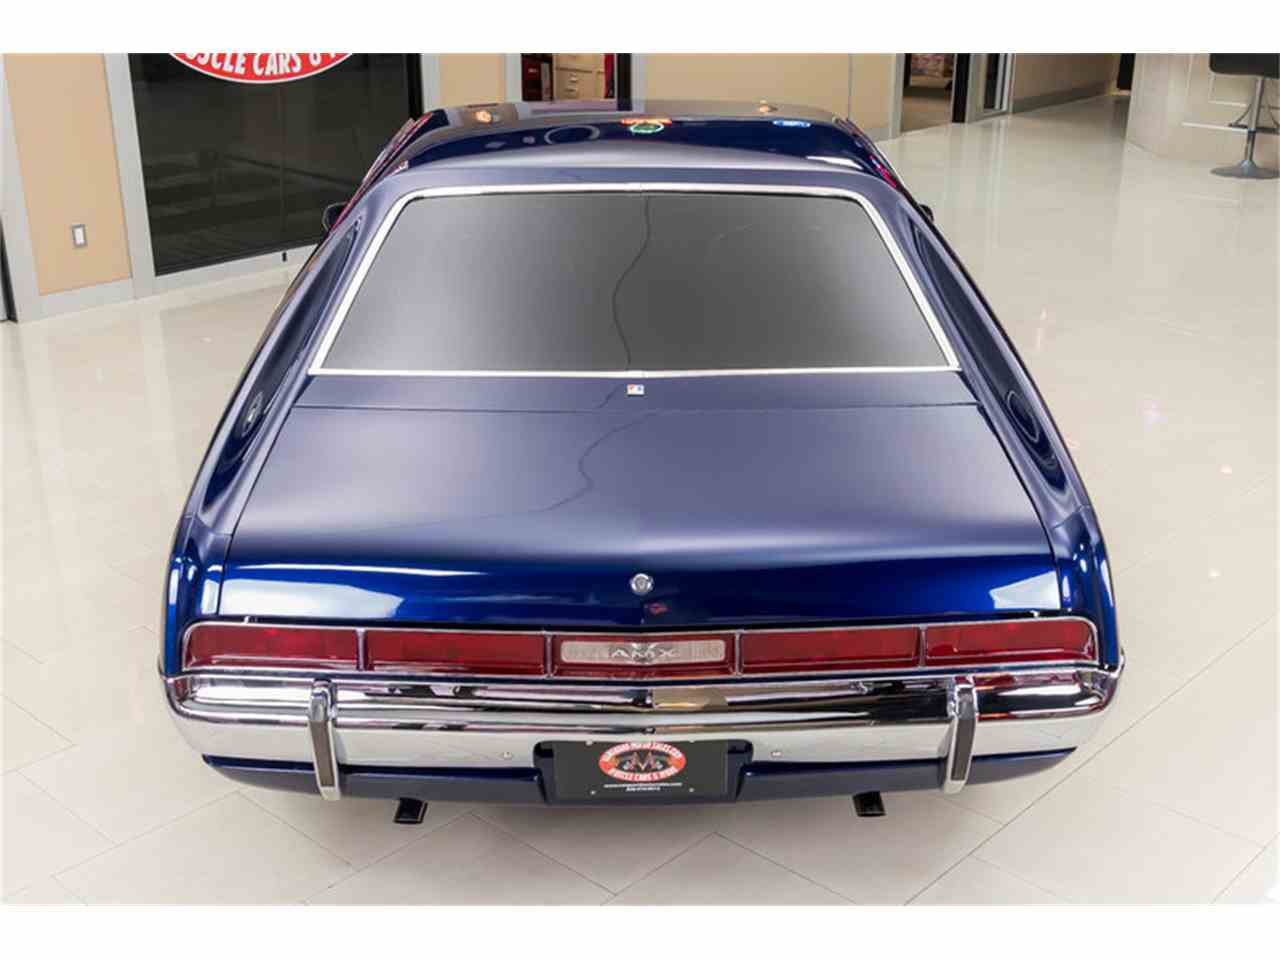 1970 Amc Amx For Sale Classiccars Com Cc 950379